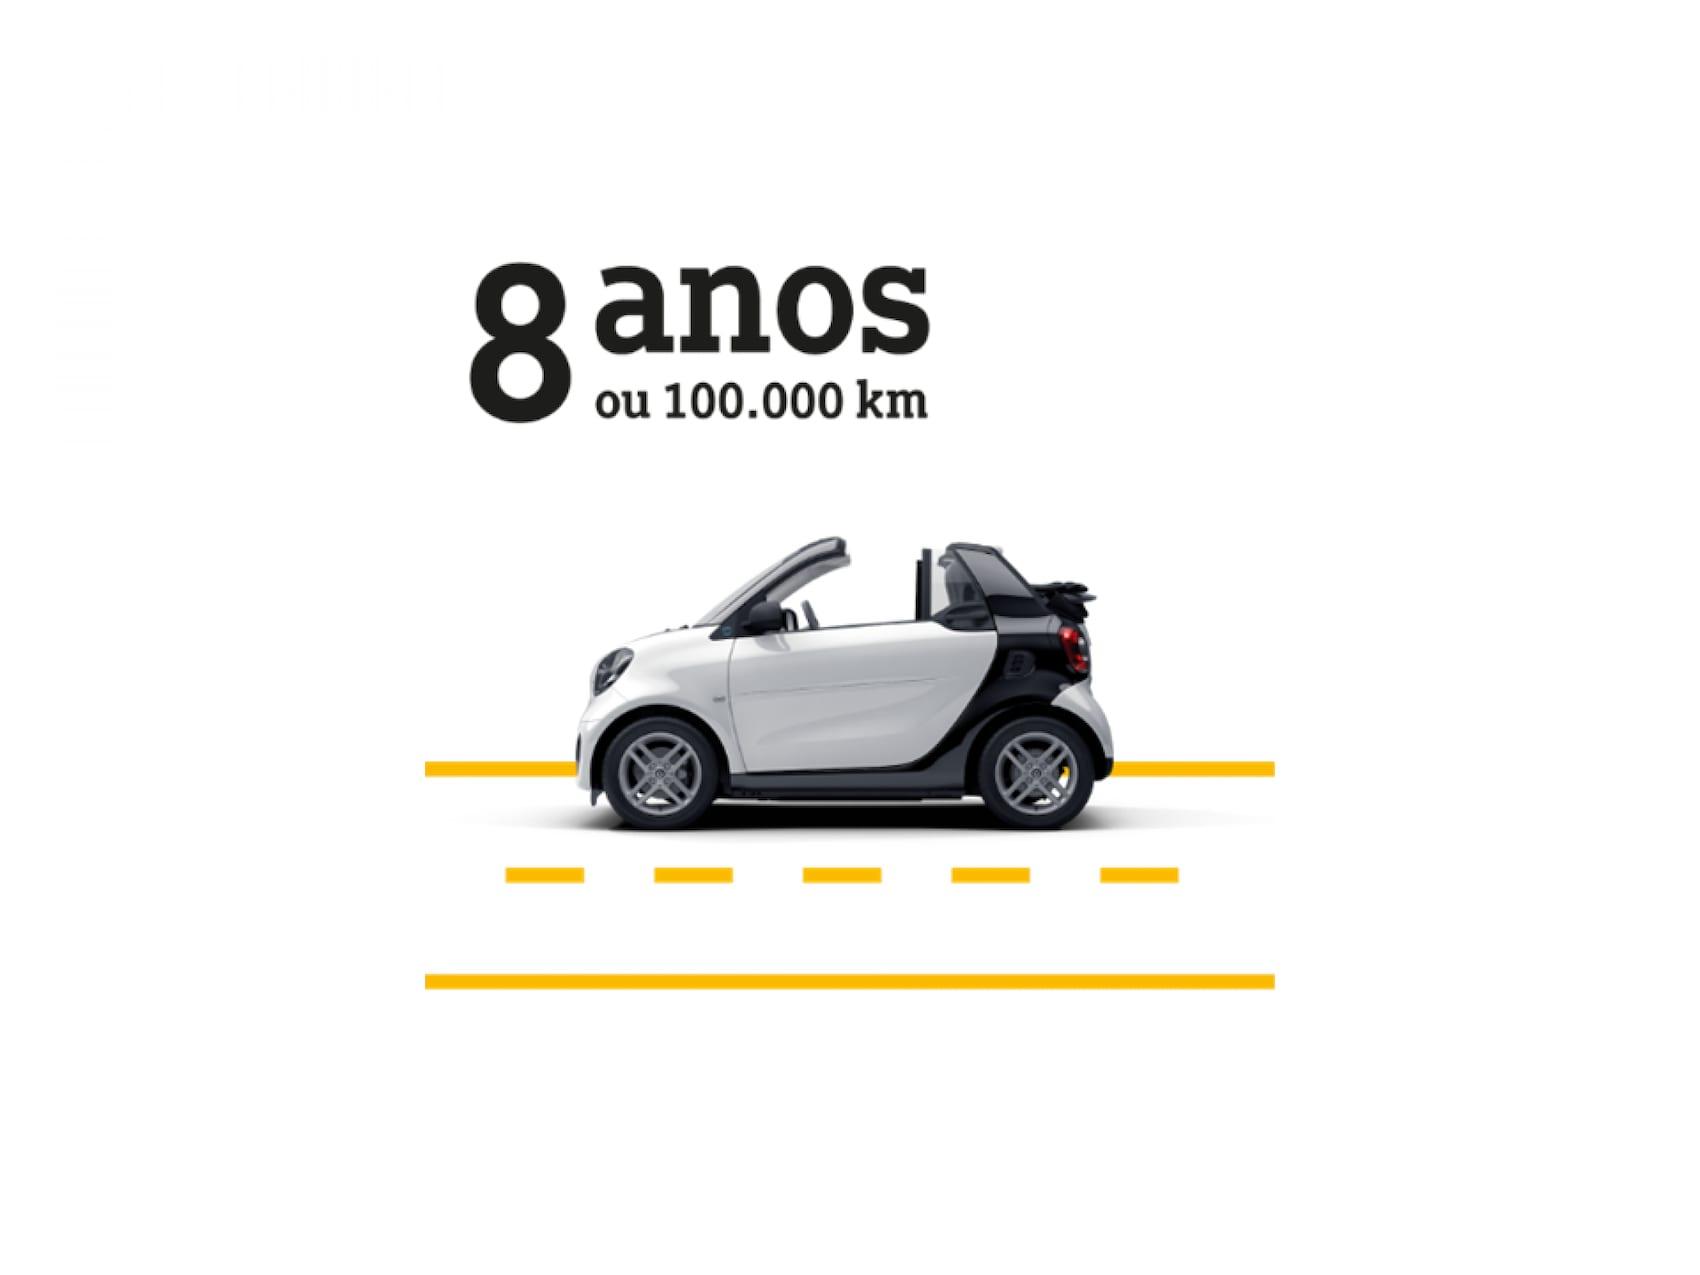 8anos_10000km_fortwo_cabrio